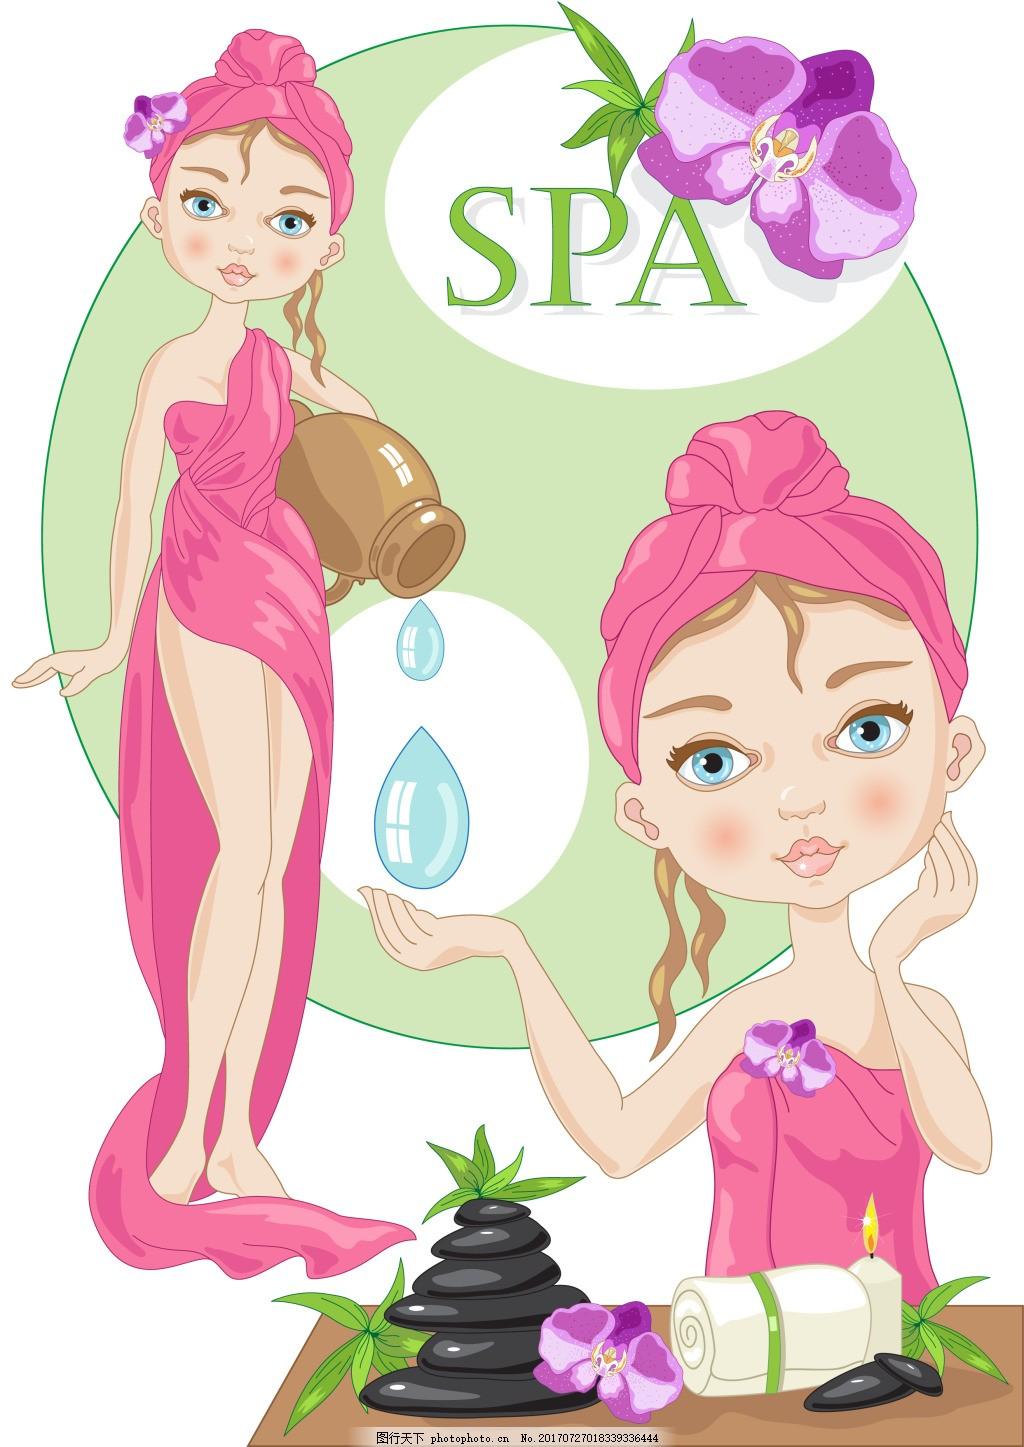 手绘做美容SPA的女人插画 人物 花朵 兰花 水疗